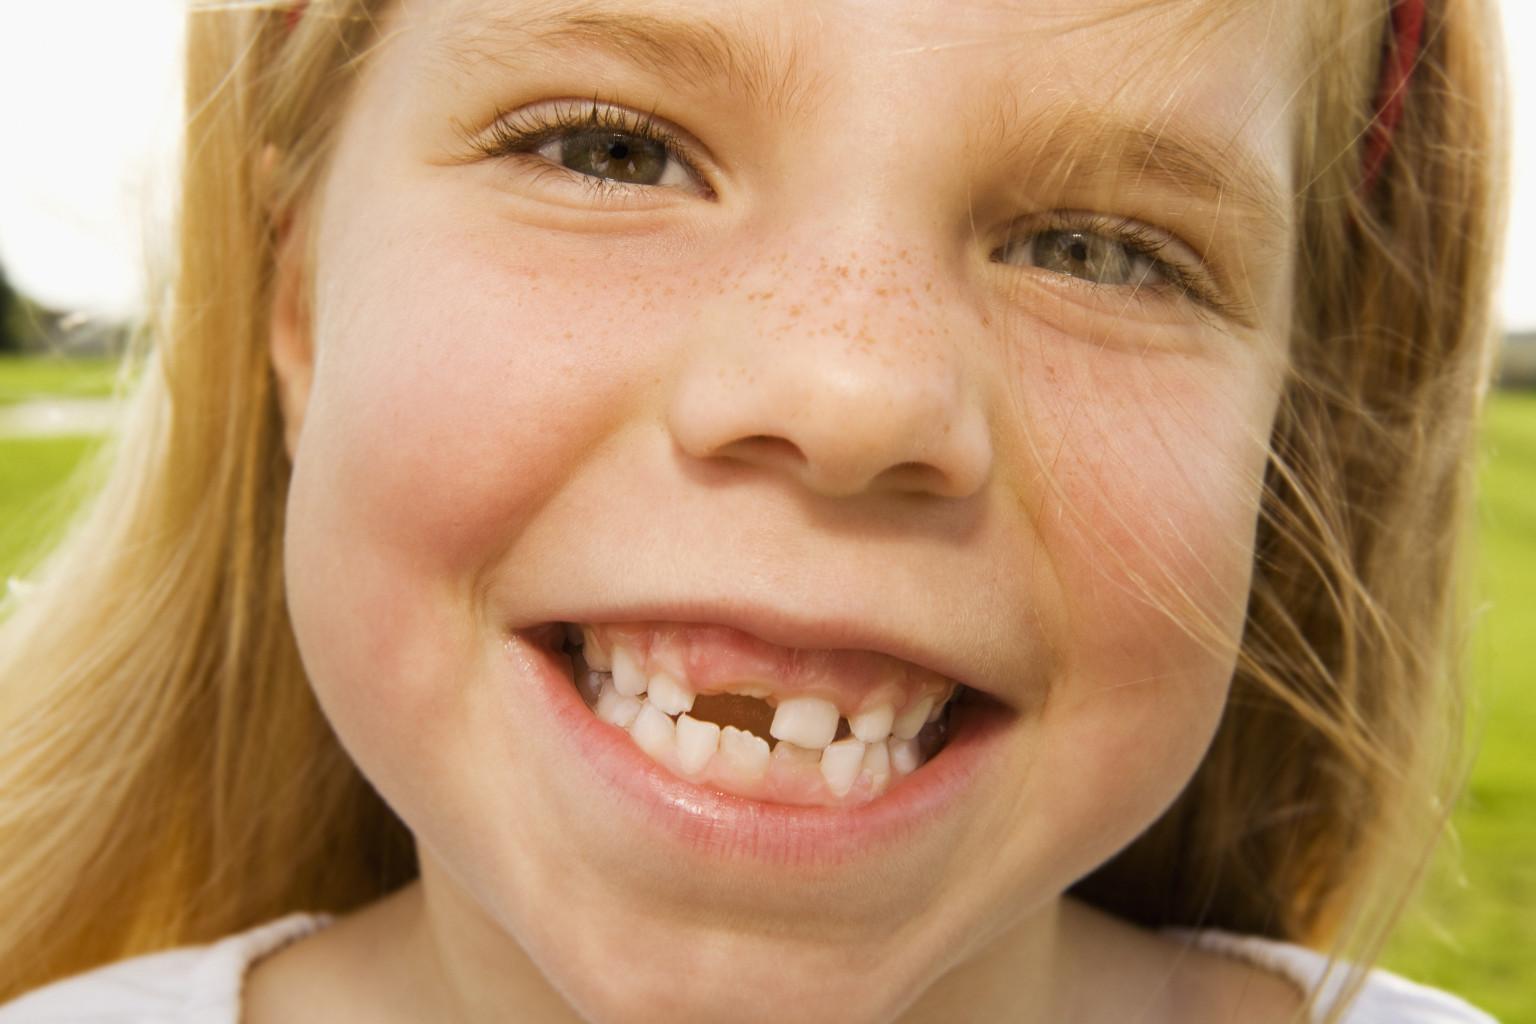 Количество зубов у детей фото